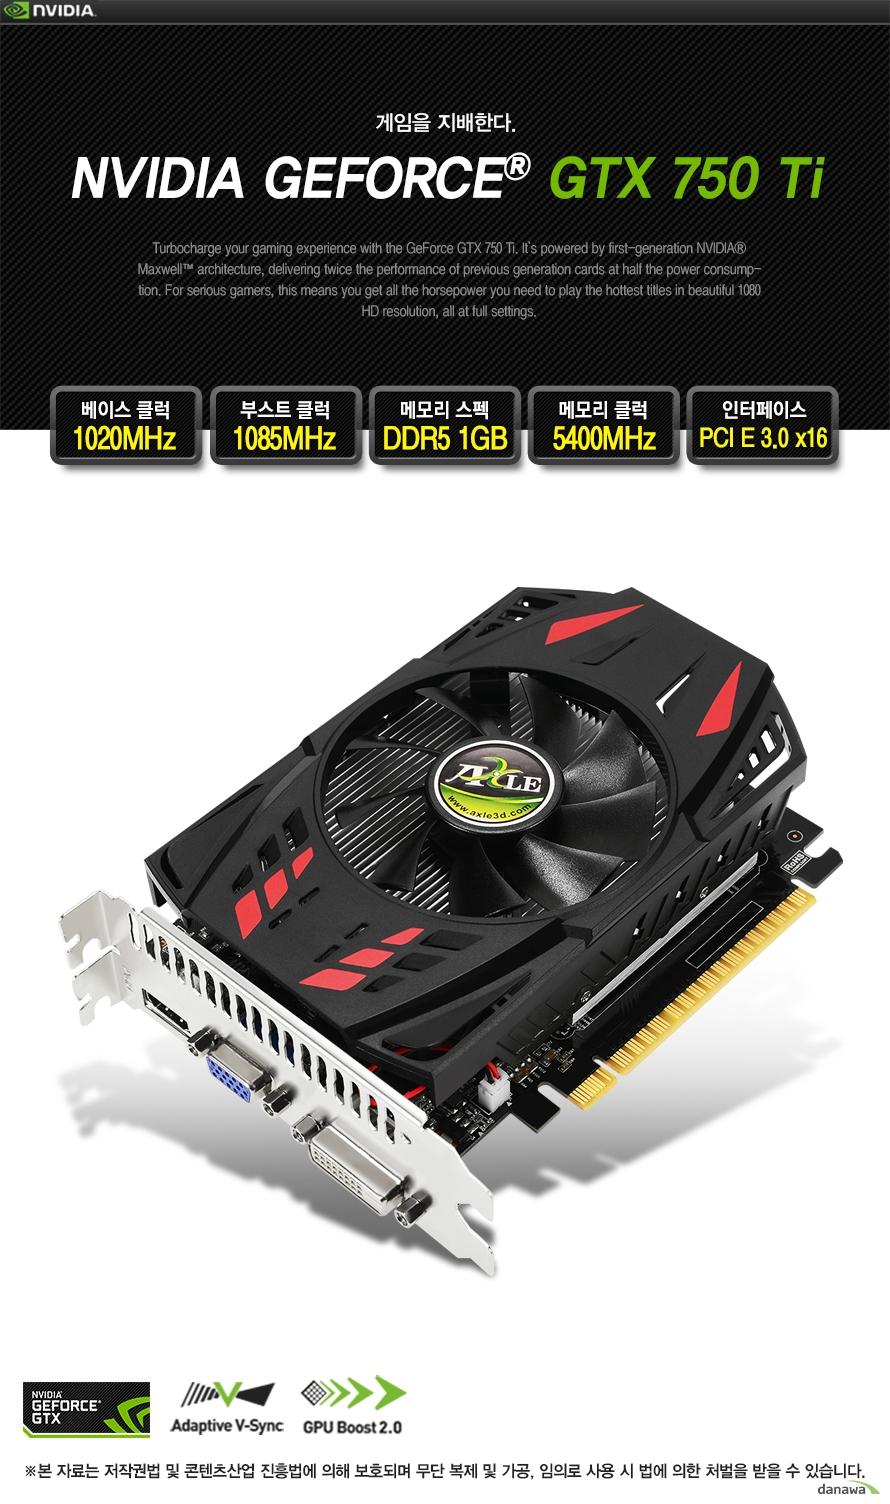 게이밍을 송두리 채 바꿀 성능 GeForece GTX750ti v2 d5 1기가바이트 SPECIFICATIONS  GPU 엔진 사양 GPU 공정28nm 베이스 클럭1020MHz 부스트 클럭1085MHz CUDA 코어640 Units  메모리 사양 메모리 속도 (Gbps)5400MHz 메모리 용량1GB 메모리 인터페이스128-bit GDDR5  기타 사양 최대 지원 모니터 수3개 최대 사용 전력최대 60W 권장 파워 용량정격파워 400W 이상 인증번호MSIP-REI-ABG-GTX750ti  지원기능 NVIDIA Maxwell Architecture   NVIDIA CUDA Technology NVIDIA GPU Boost 2.0 NVIDIA Adaptive Vertical Sync NVIDIA GeForce Experience  Open GL 4.4 Support Open CL Support NVIDIA Shield Ready NVIDIA 3D Vision Ready NVIDIA Surround FXAA & TXAA Technology NVIDIA PhysX Technology Microsoft DirectX 11.2 API  제품 사이즈 길이 148mm 높이 87mm 너비 38mm